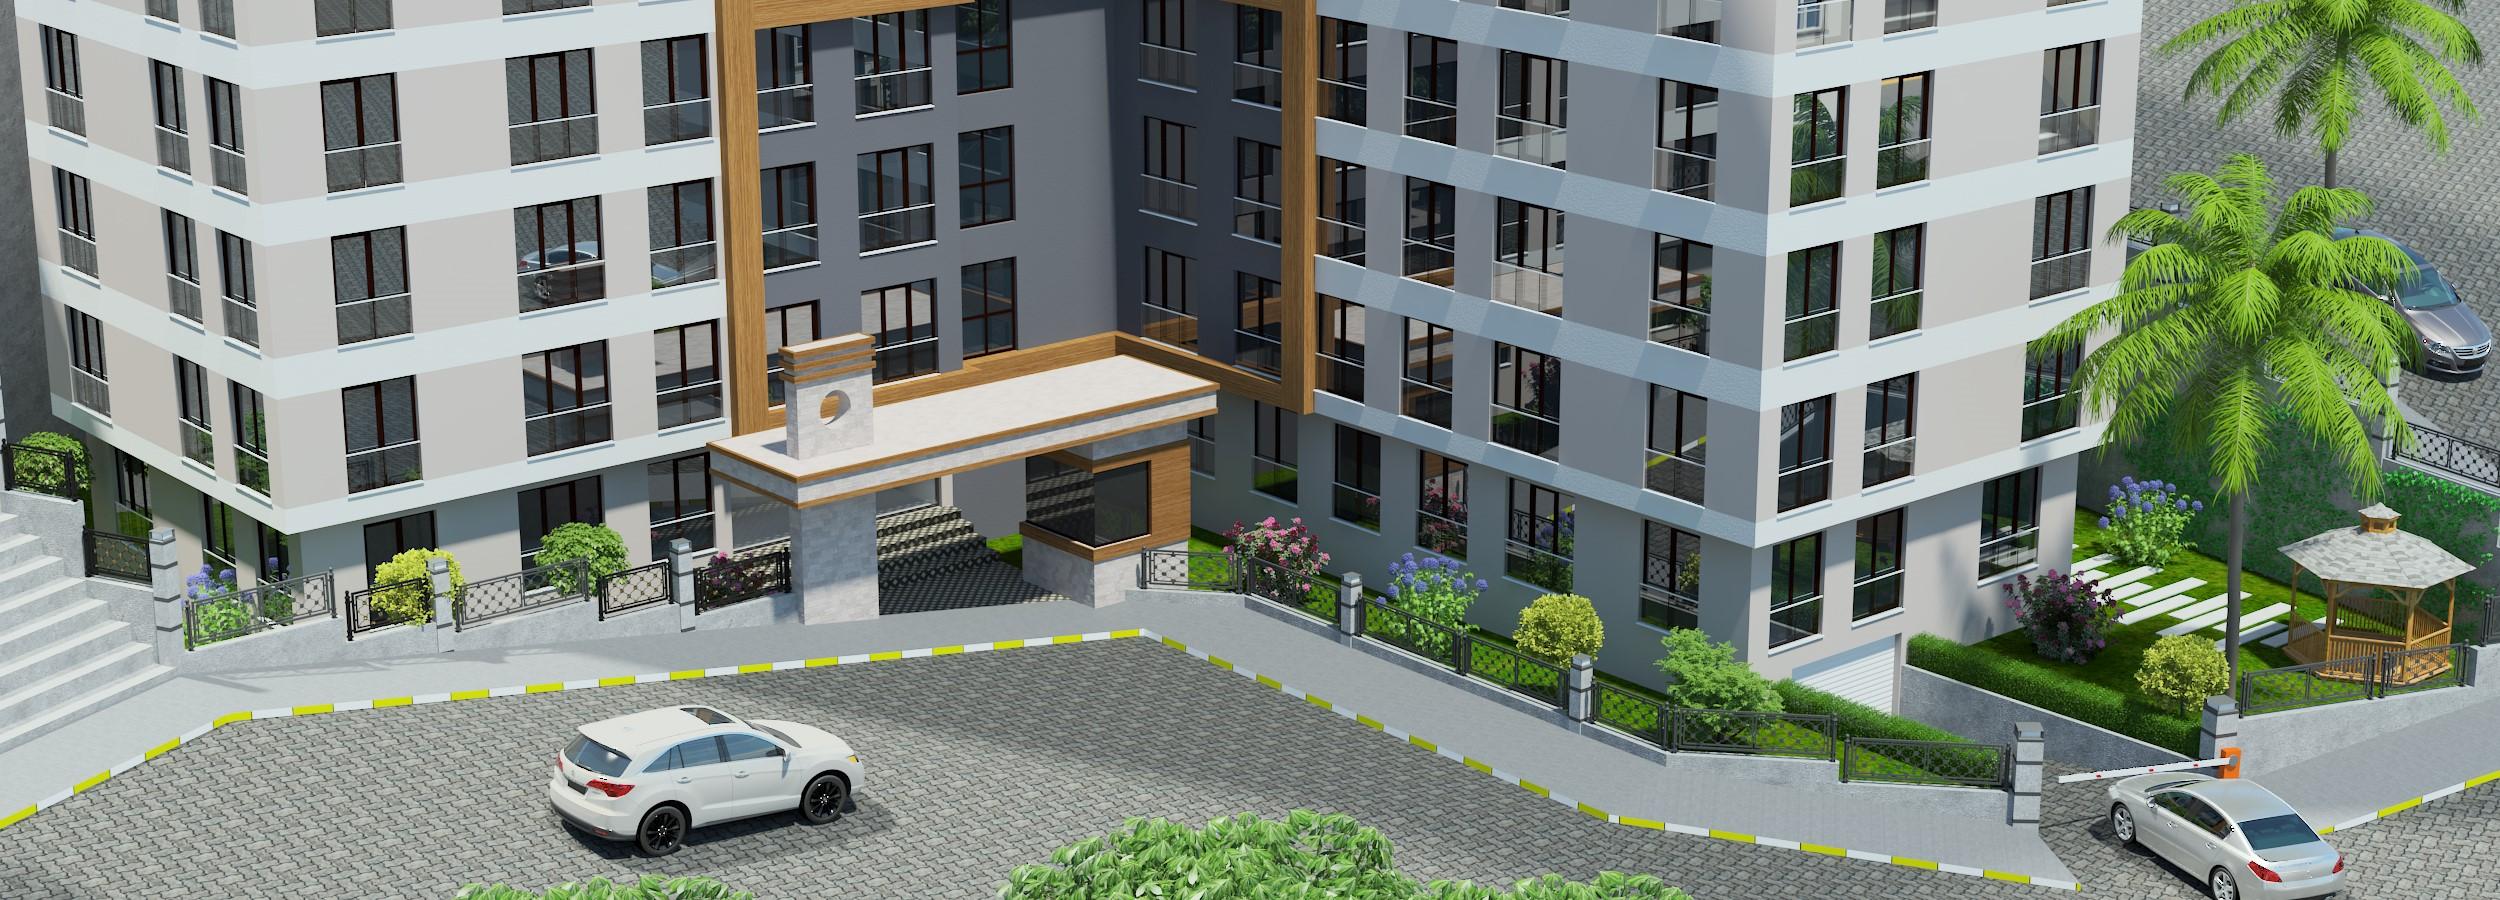 Квартиры в рассрочку по ценам строительной компании - Фото 3